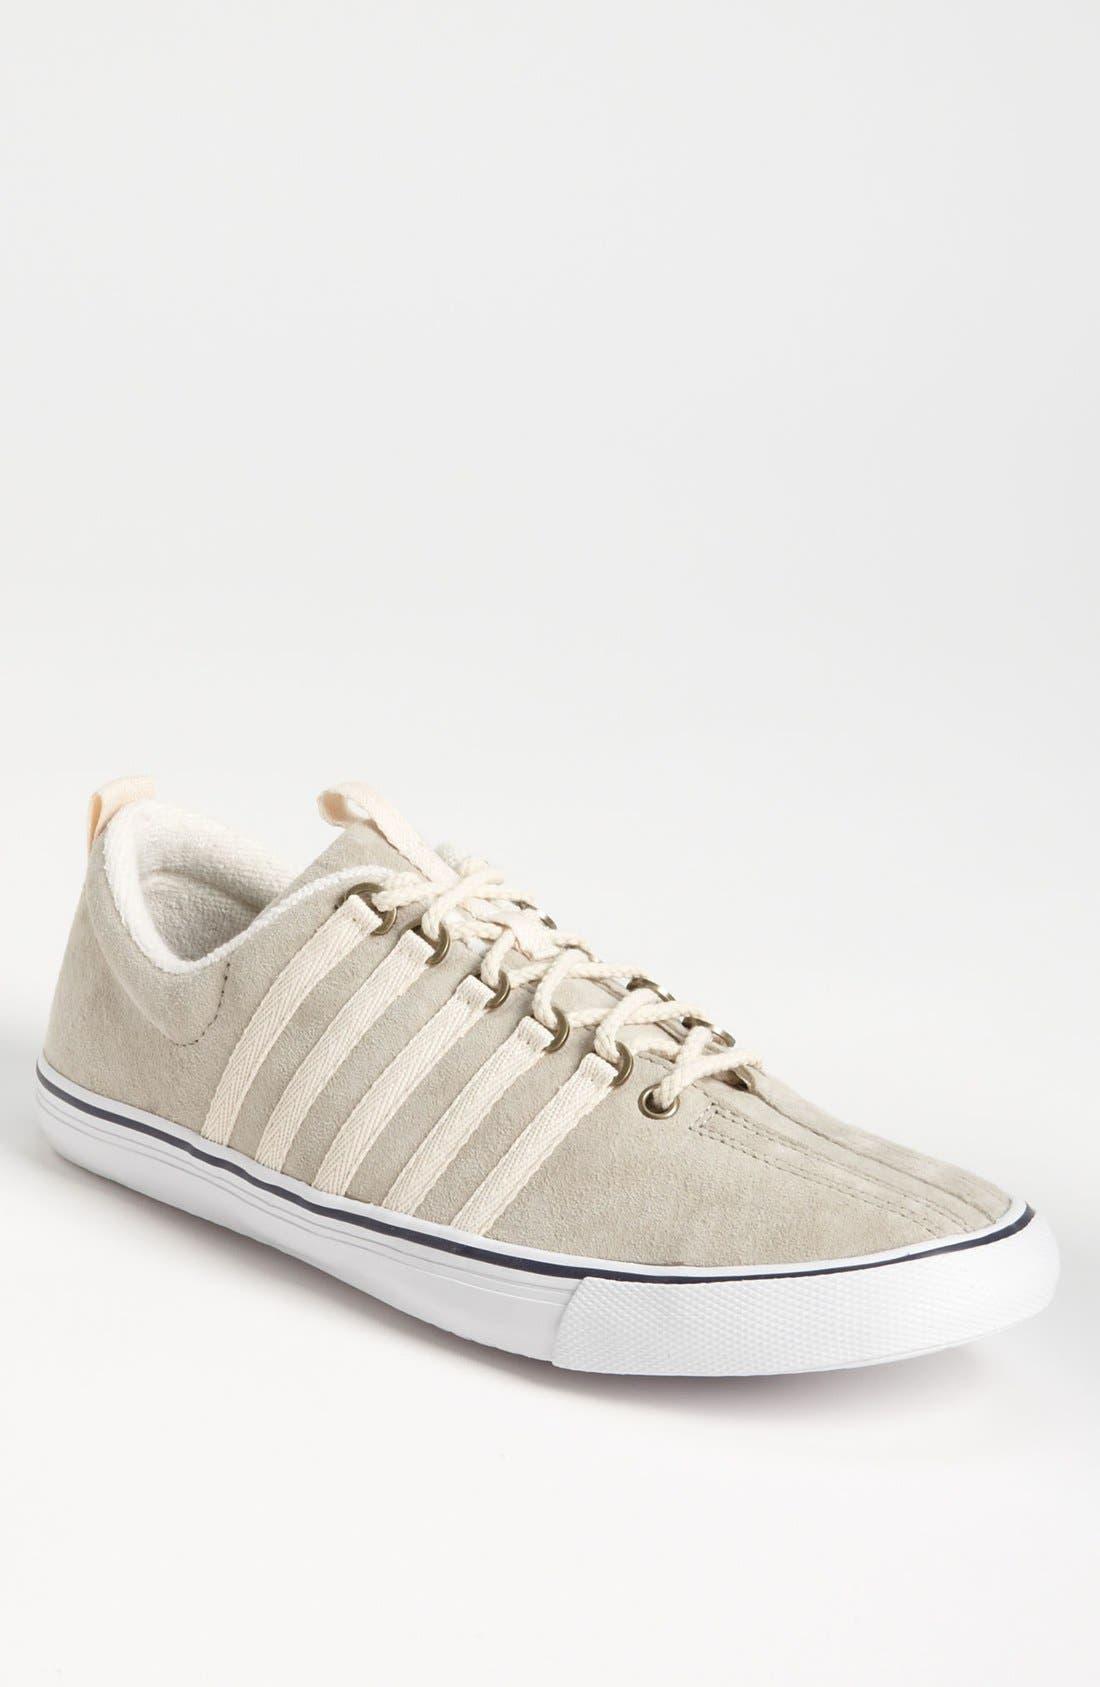 Main Image - K-Swiss 'Billy Reid Venice' Suede Sneaker (Men)